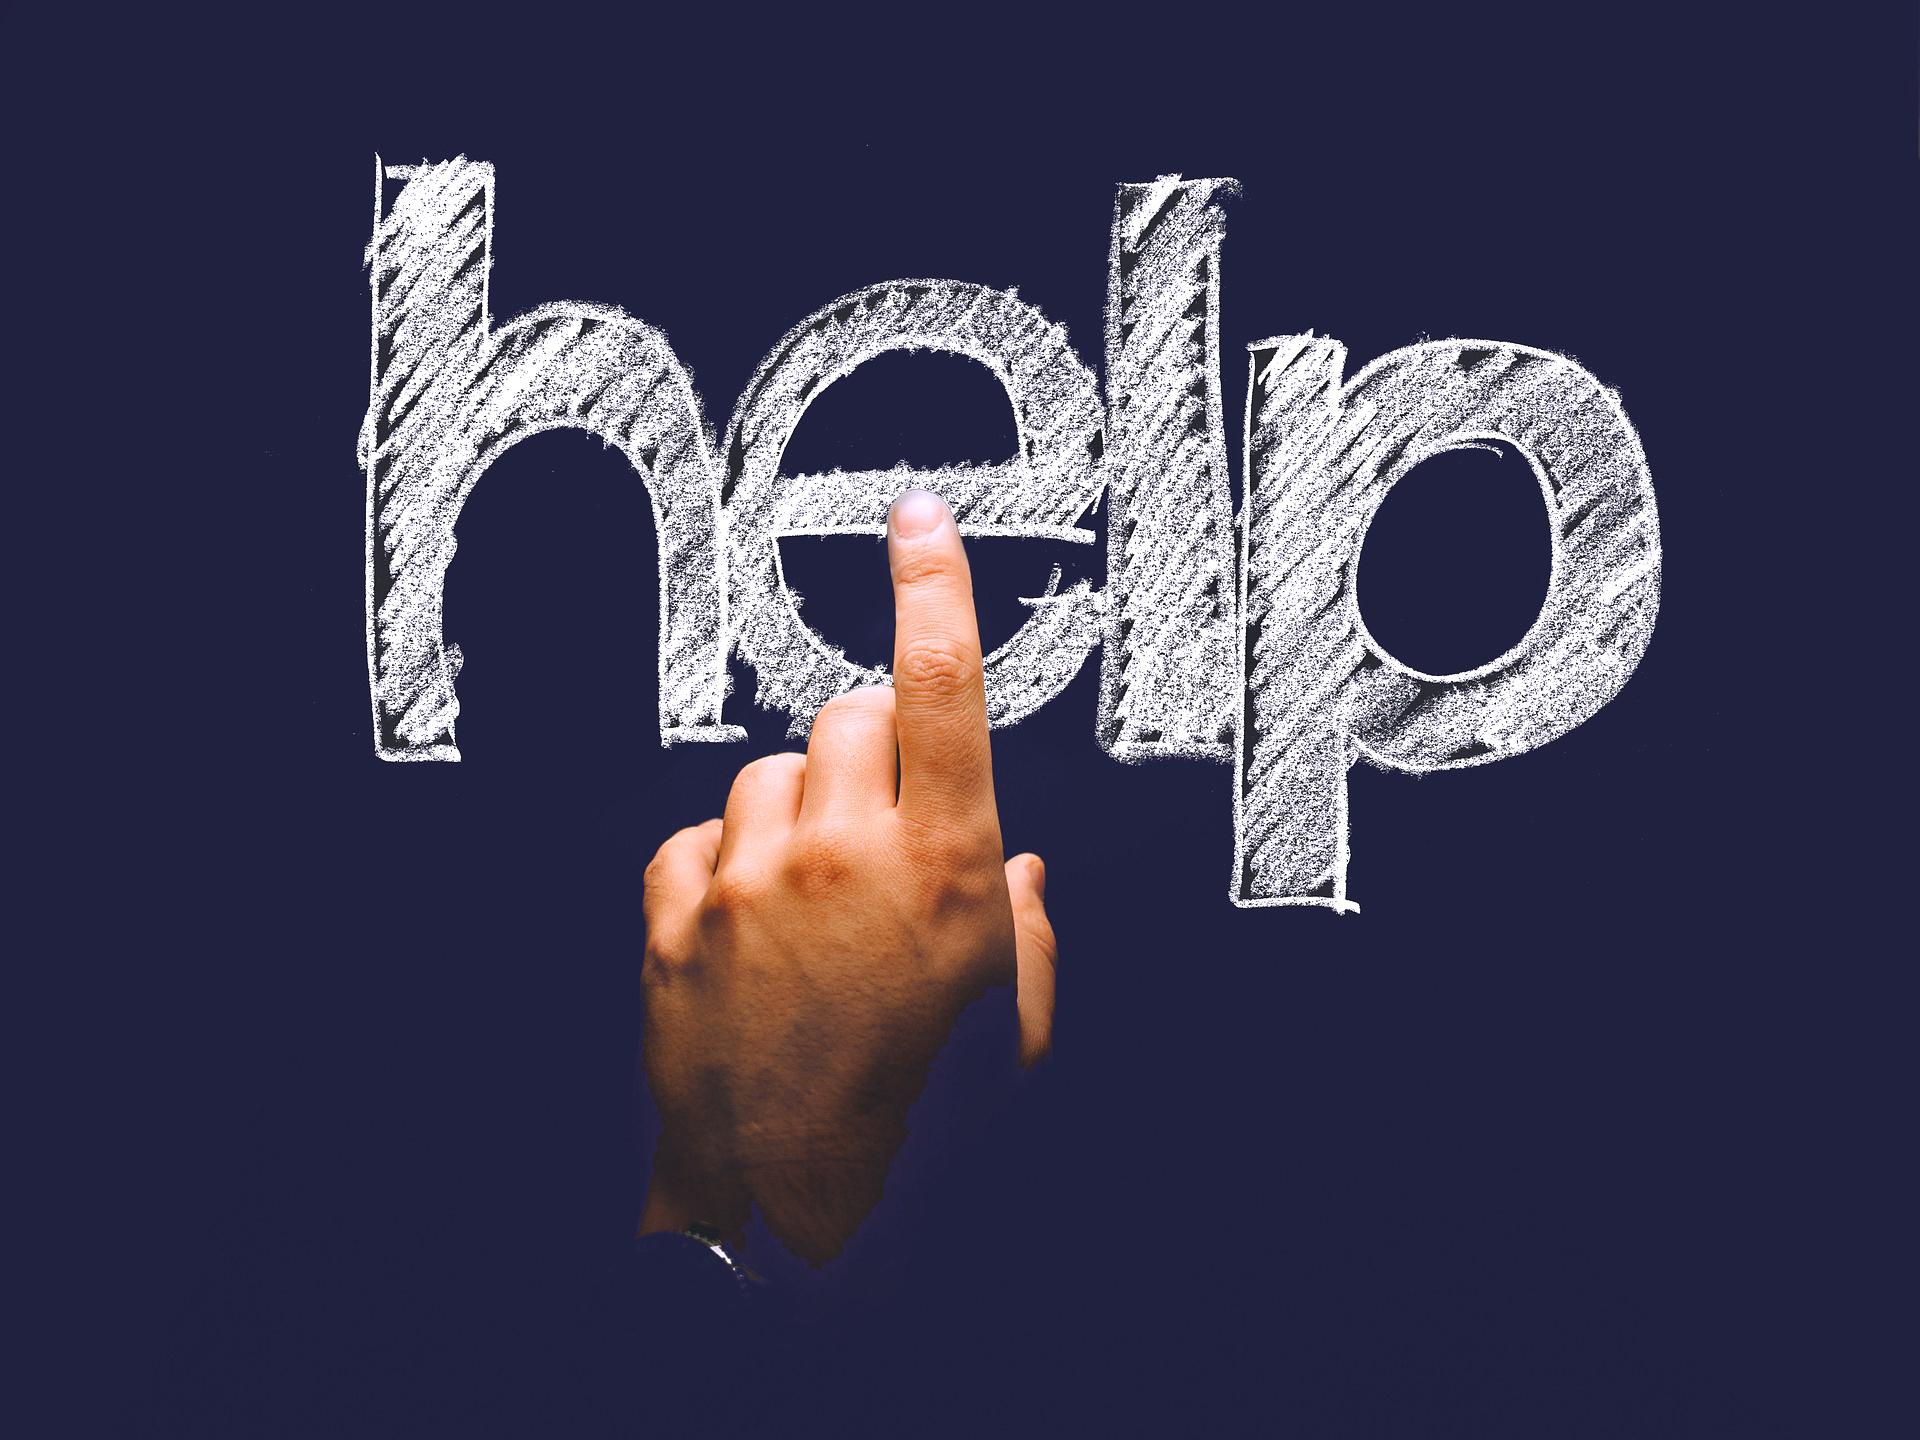 Help Gerd Altmann Pixabay